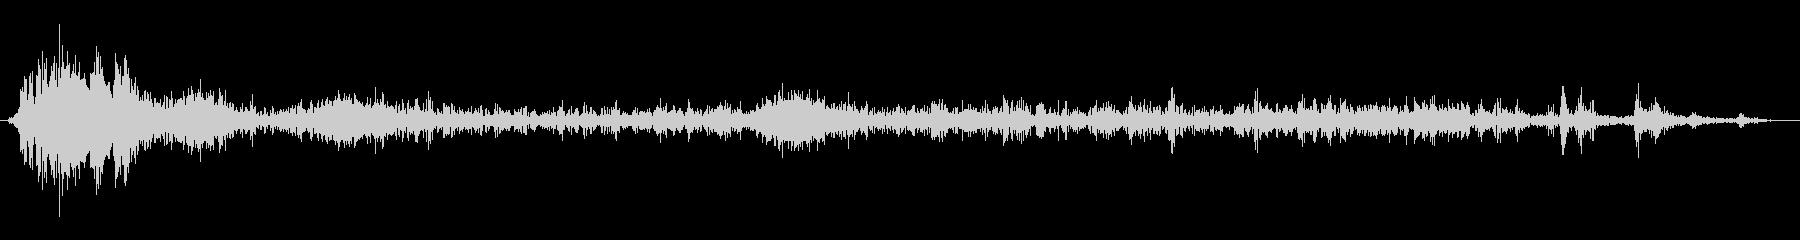 ファイアバースト、バーンアンドランブルの未再生の波形